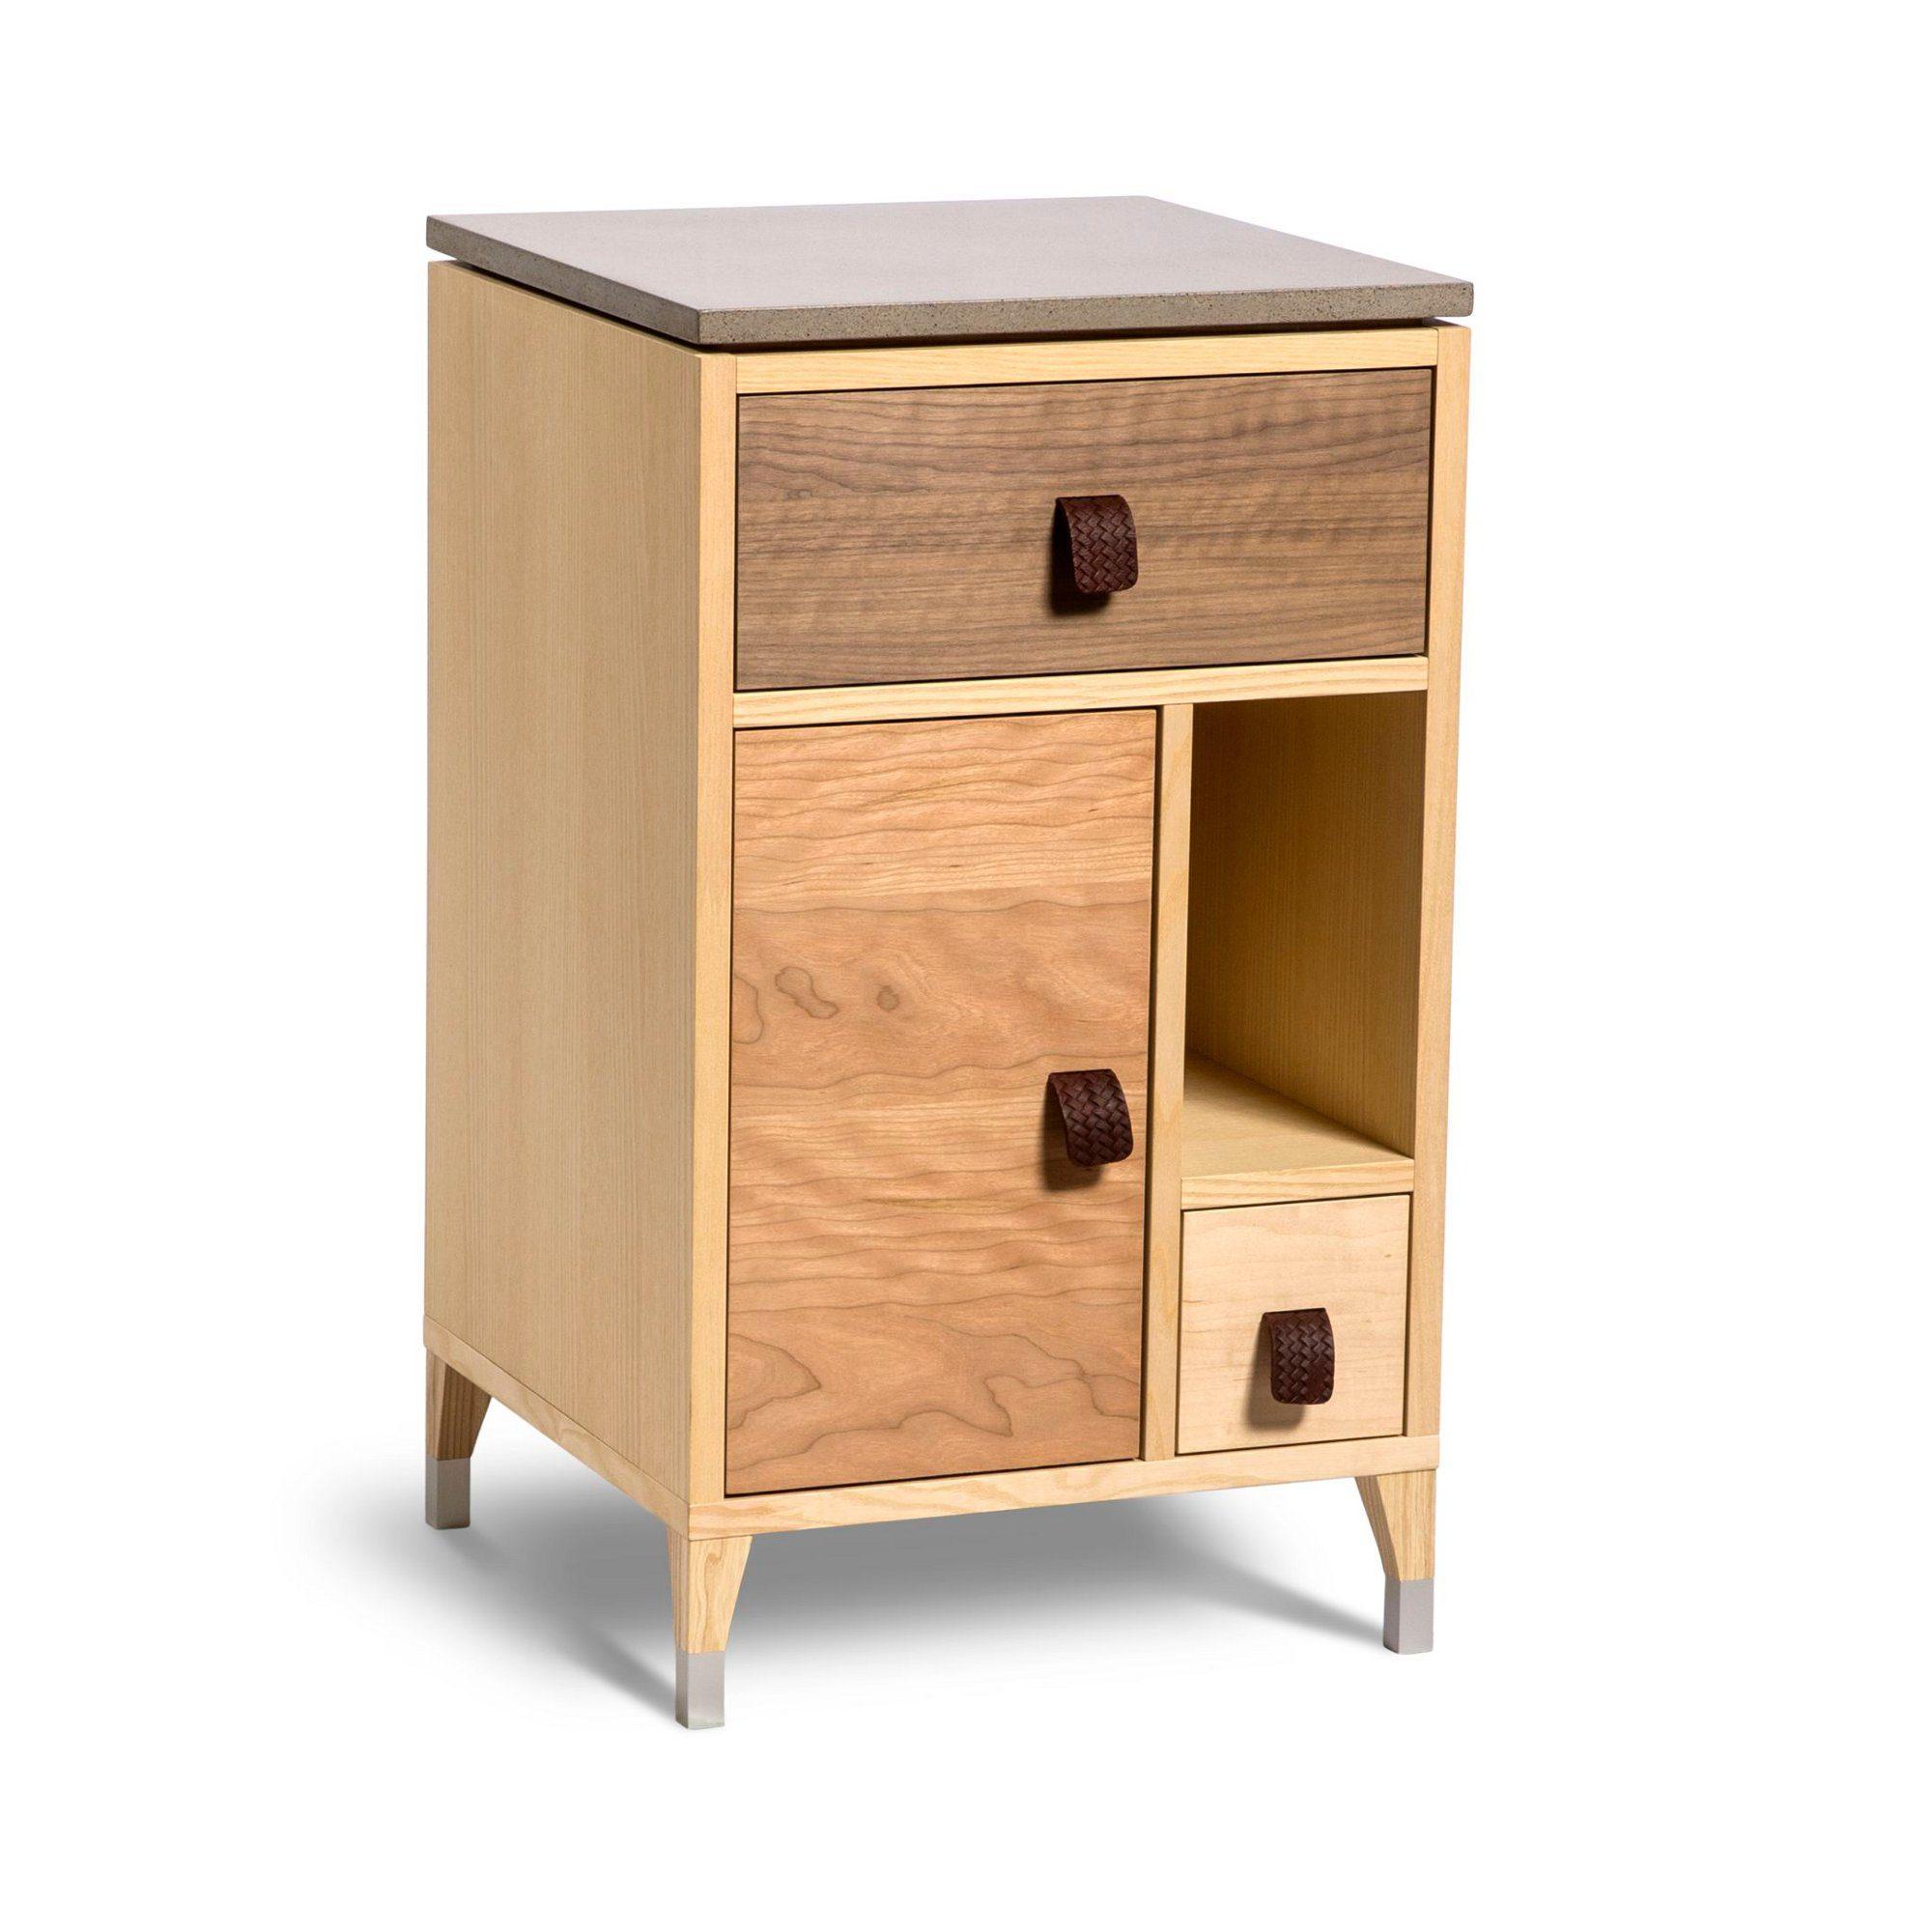 Abisko sängbord med låga ben och betongtopp